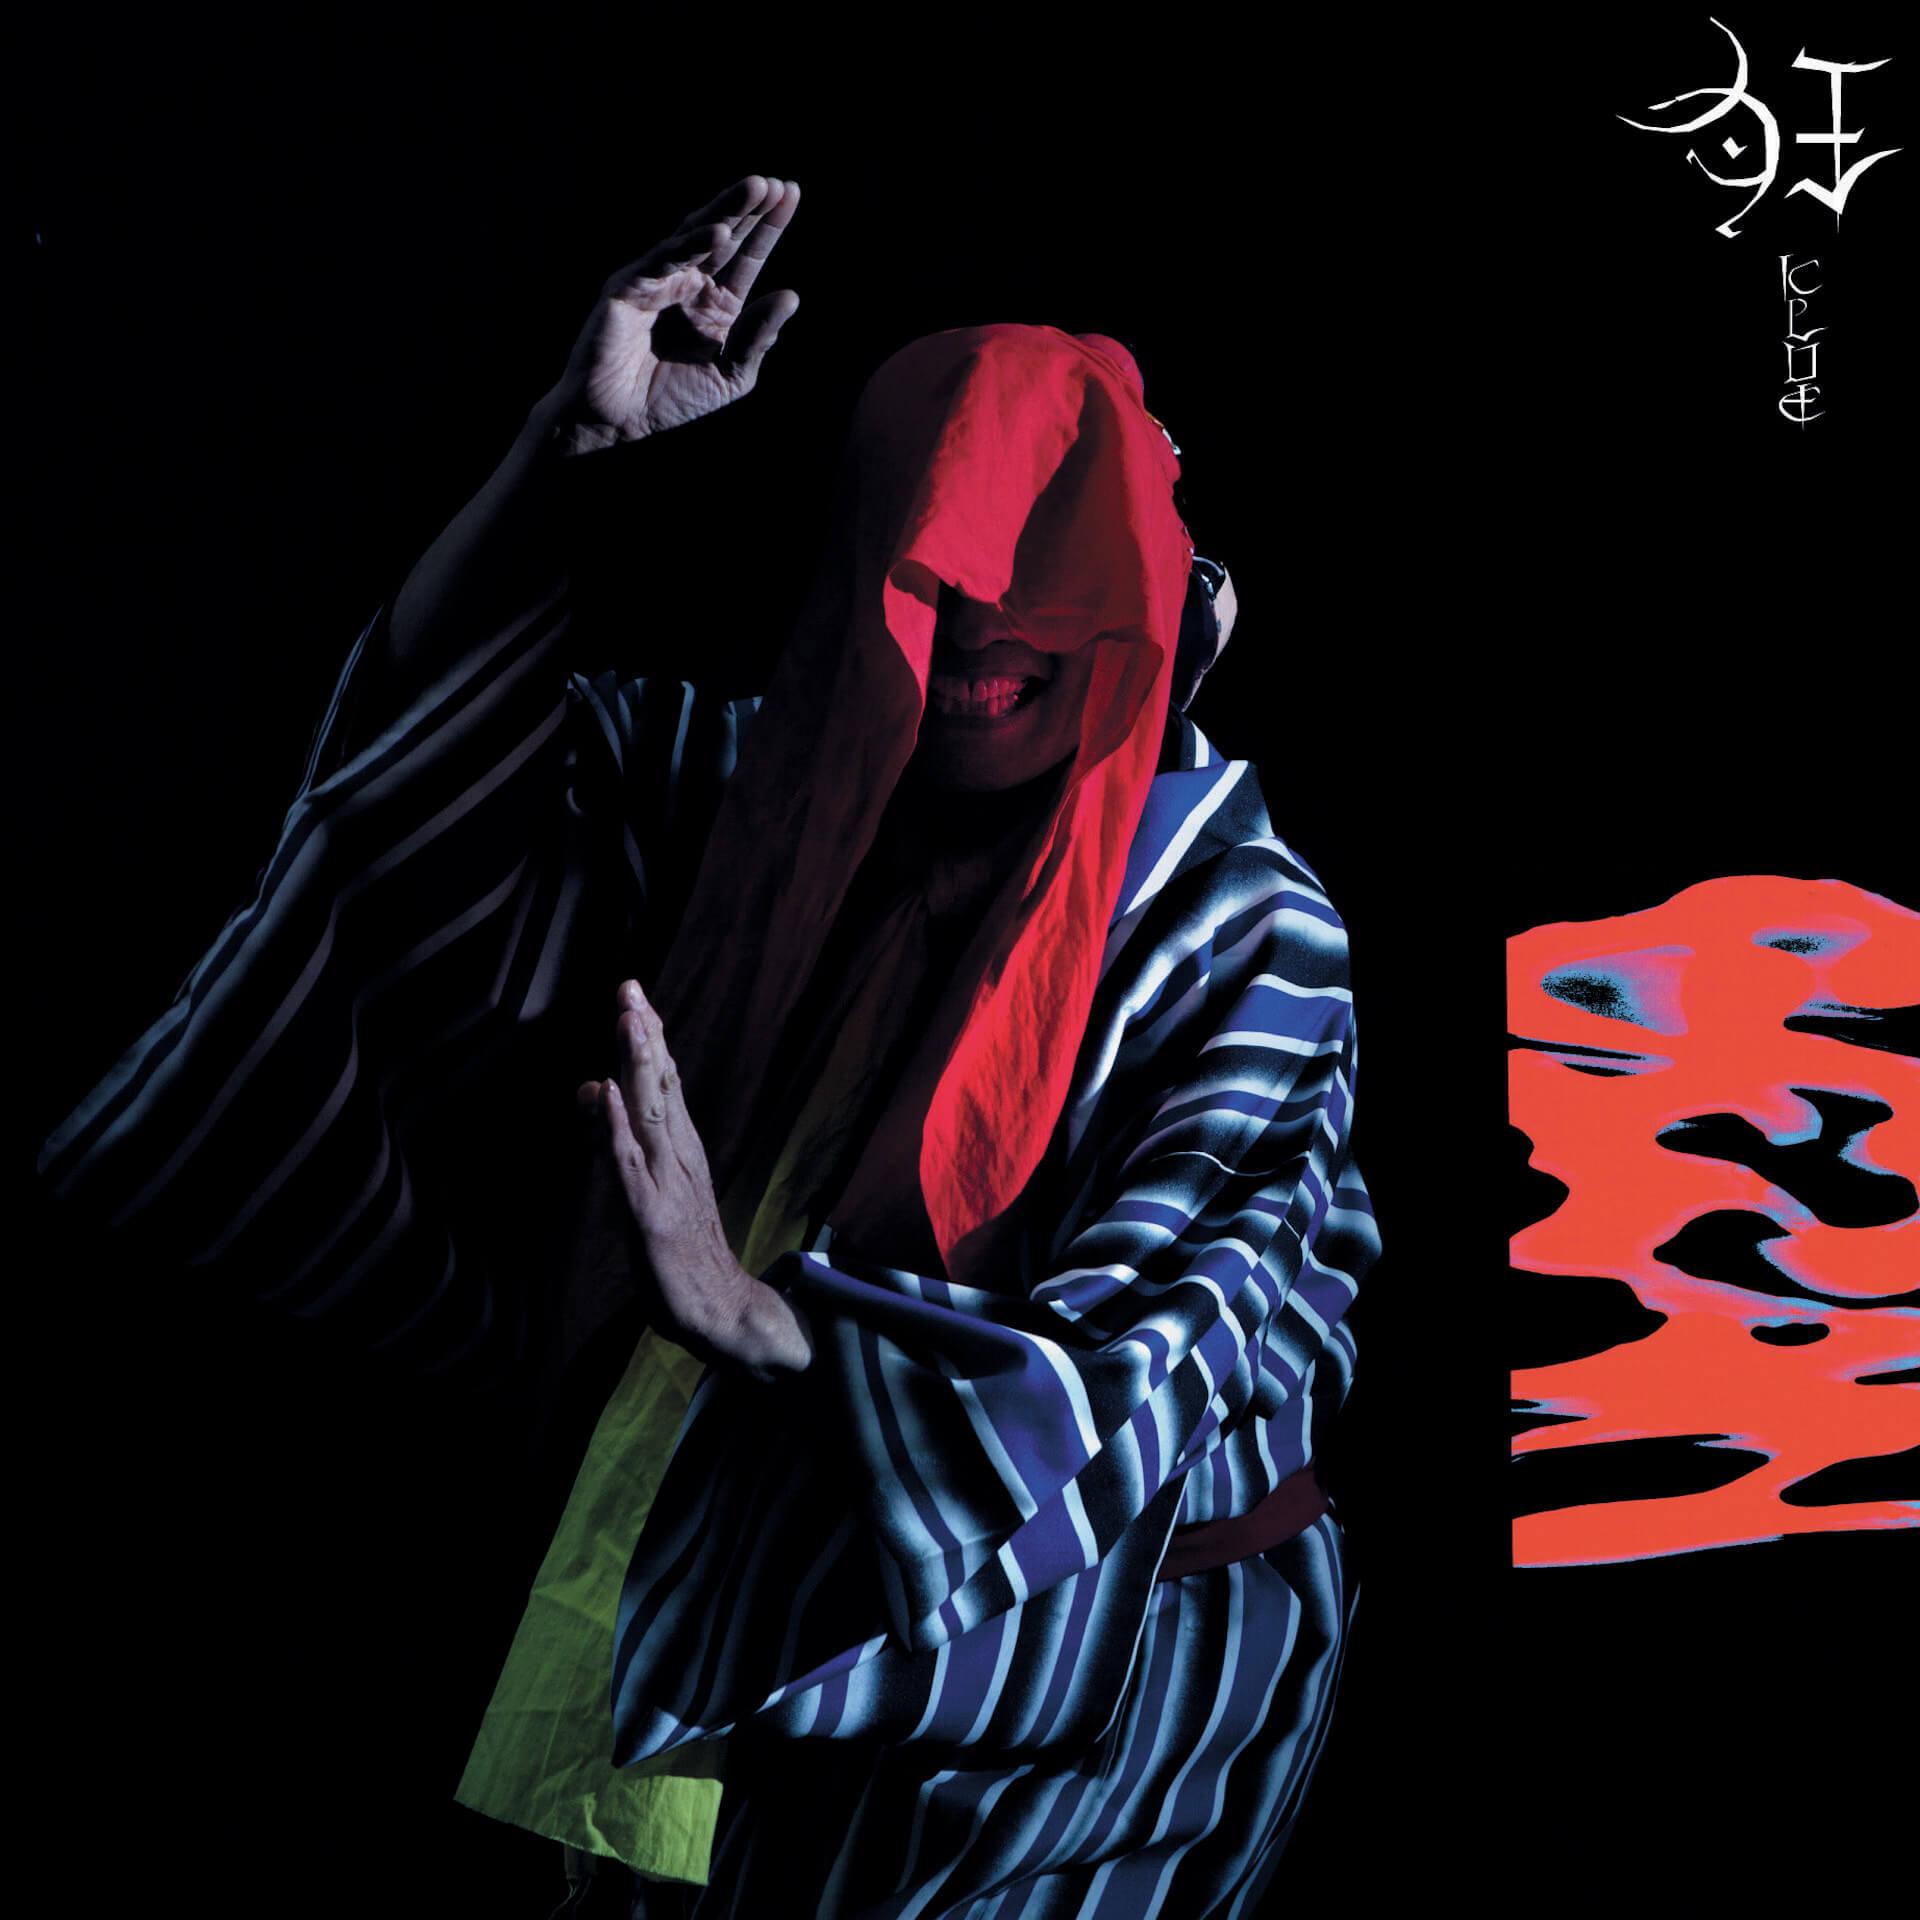 GEZAN最新作『狂(KLUE)』のアナログ12inchが4月18日から全国のレコードショップで発売決定! music200219_gezan_klueep_01